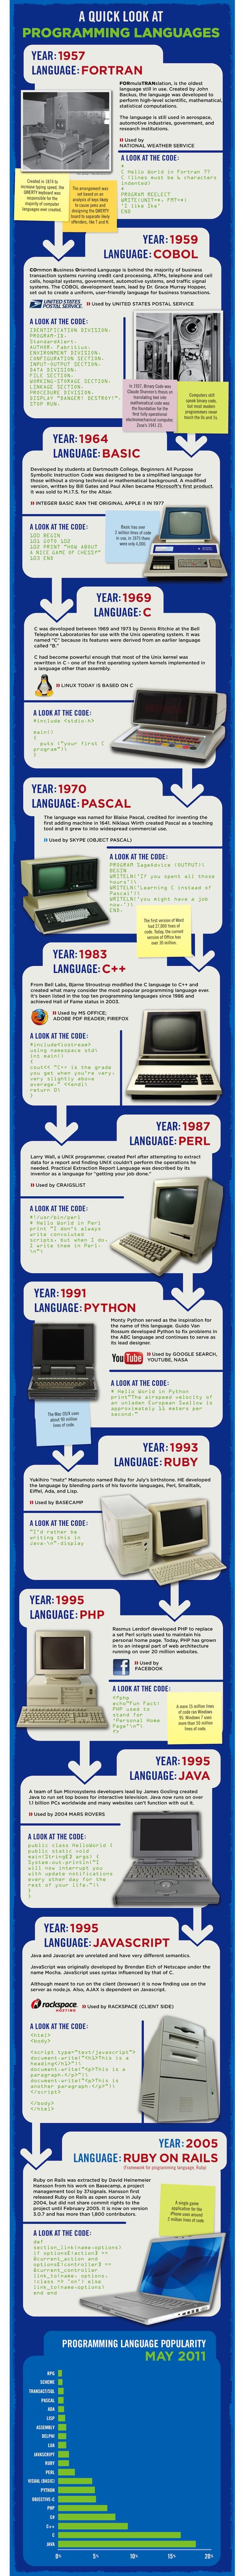 langages programmation Les langages de programmation